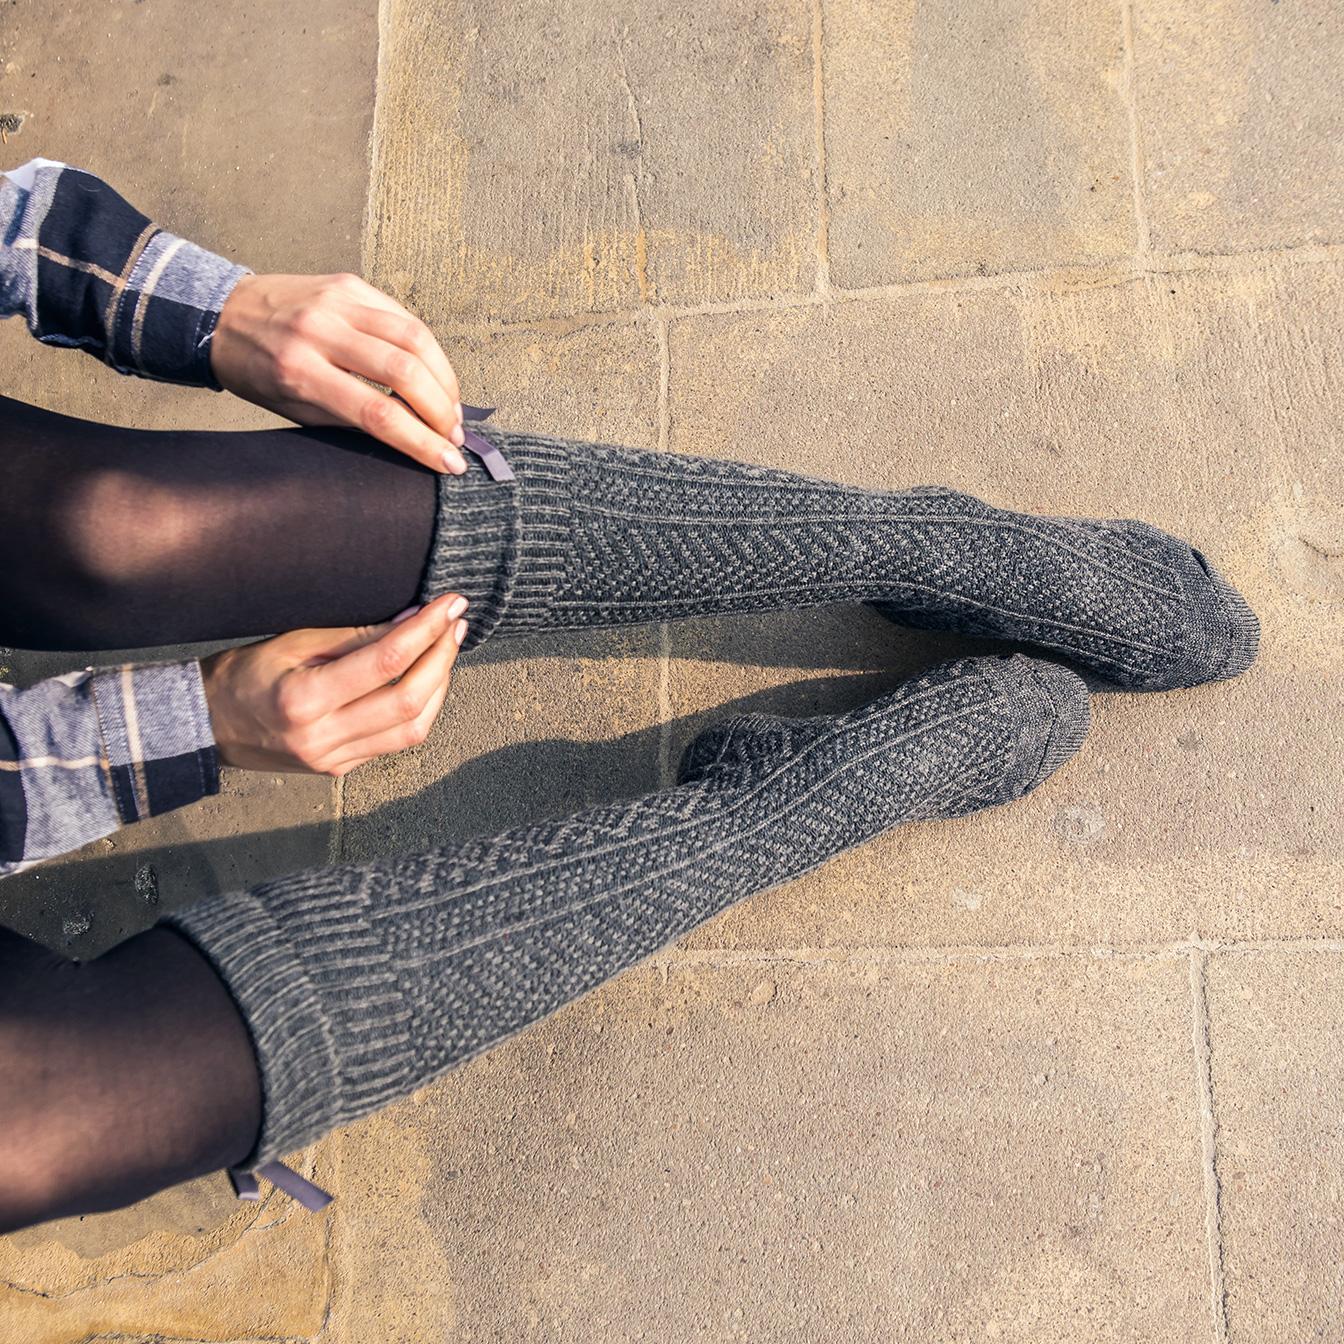 Zakolanówki, czyli ciepły i bardzo kobiecy element jesiennego stroju